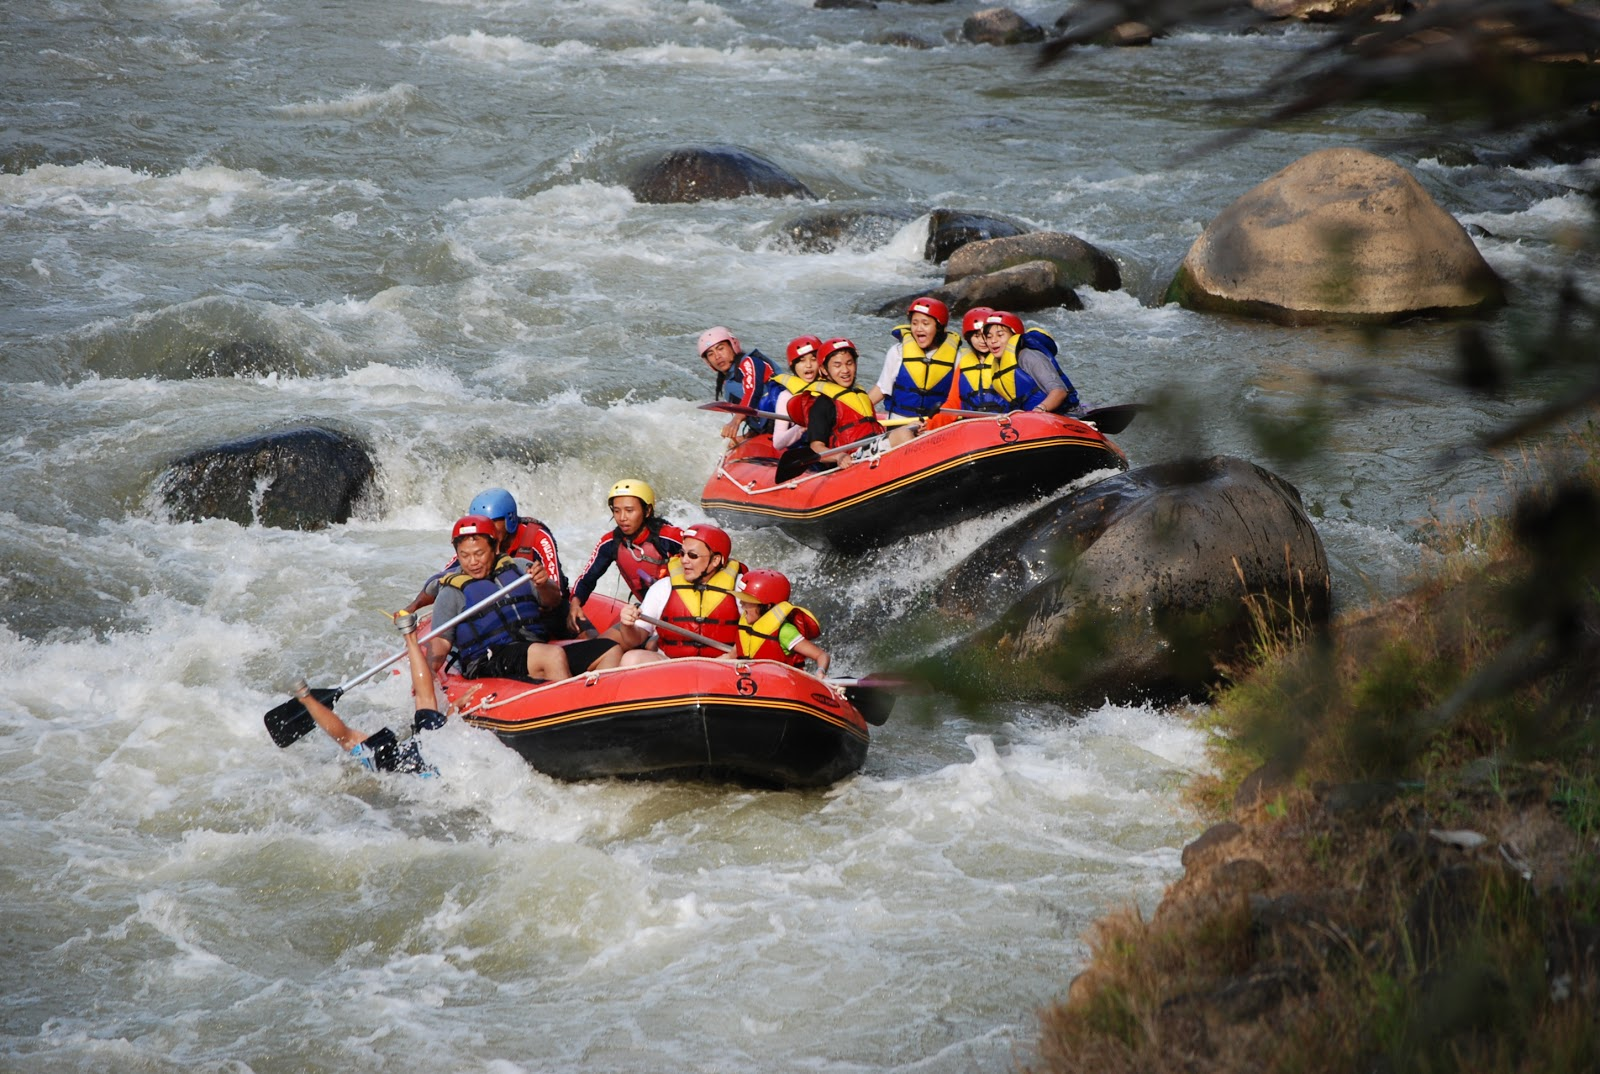 Biaya Rafting di Sungai Elo Magelang